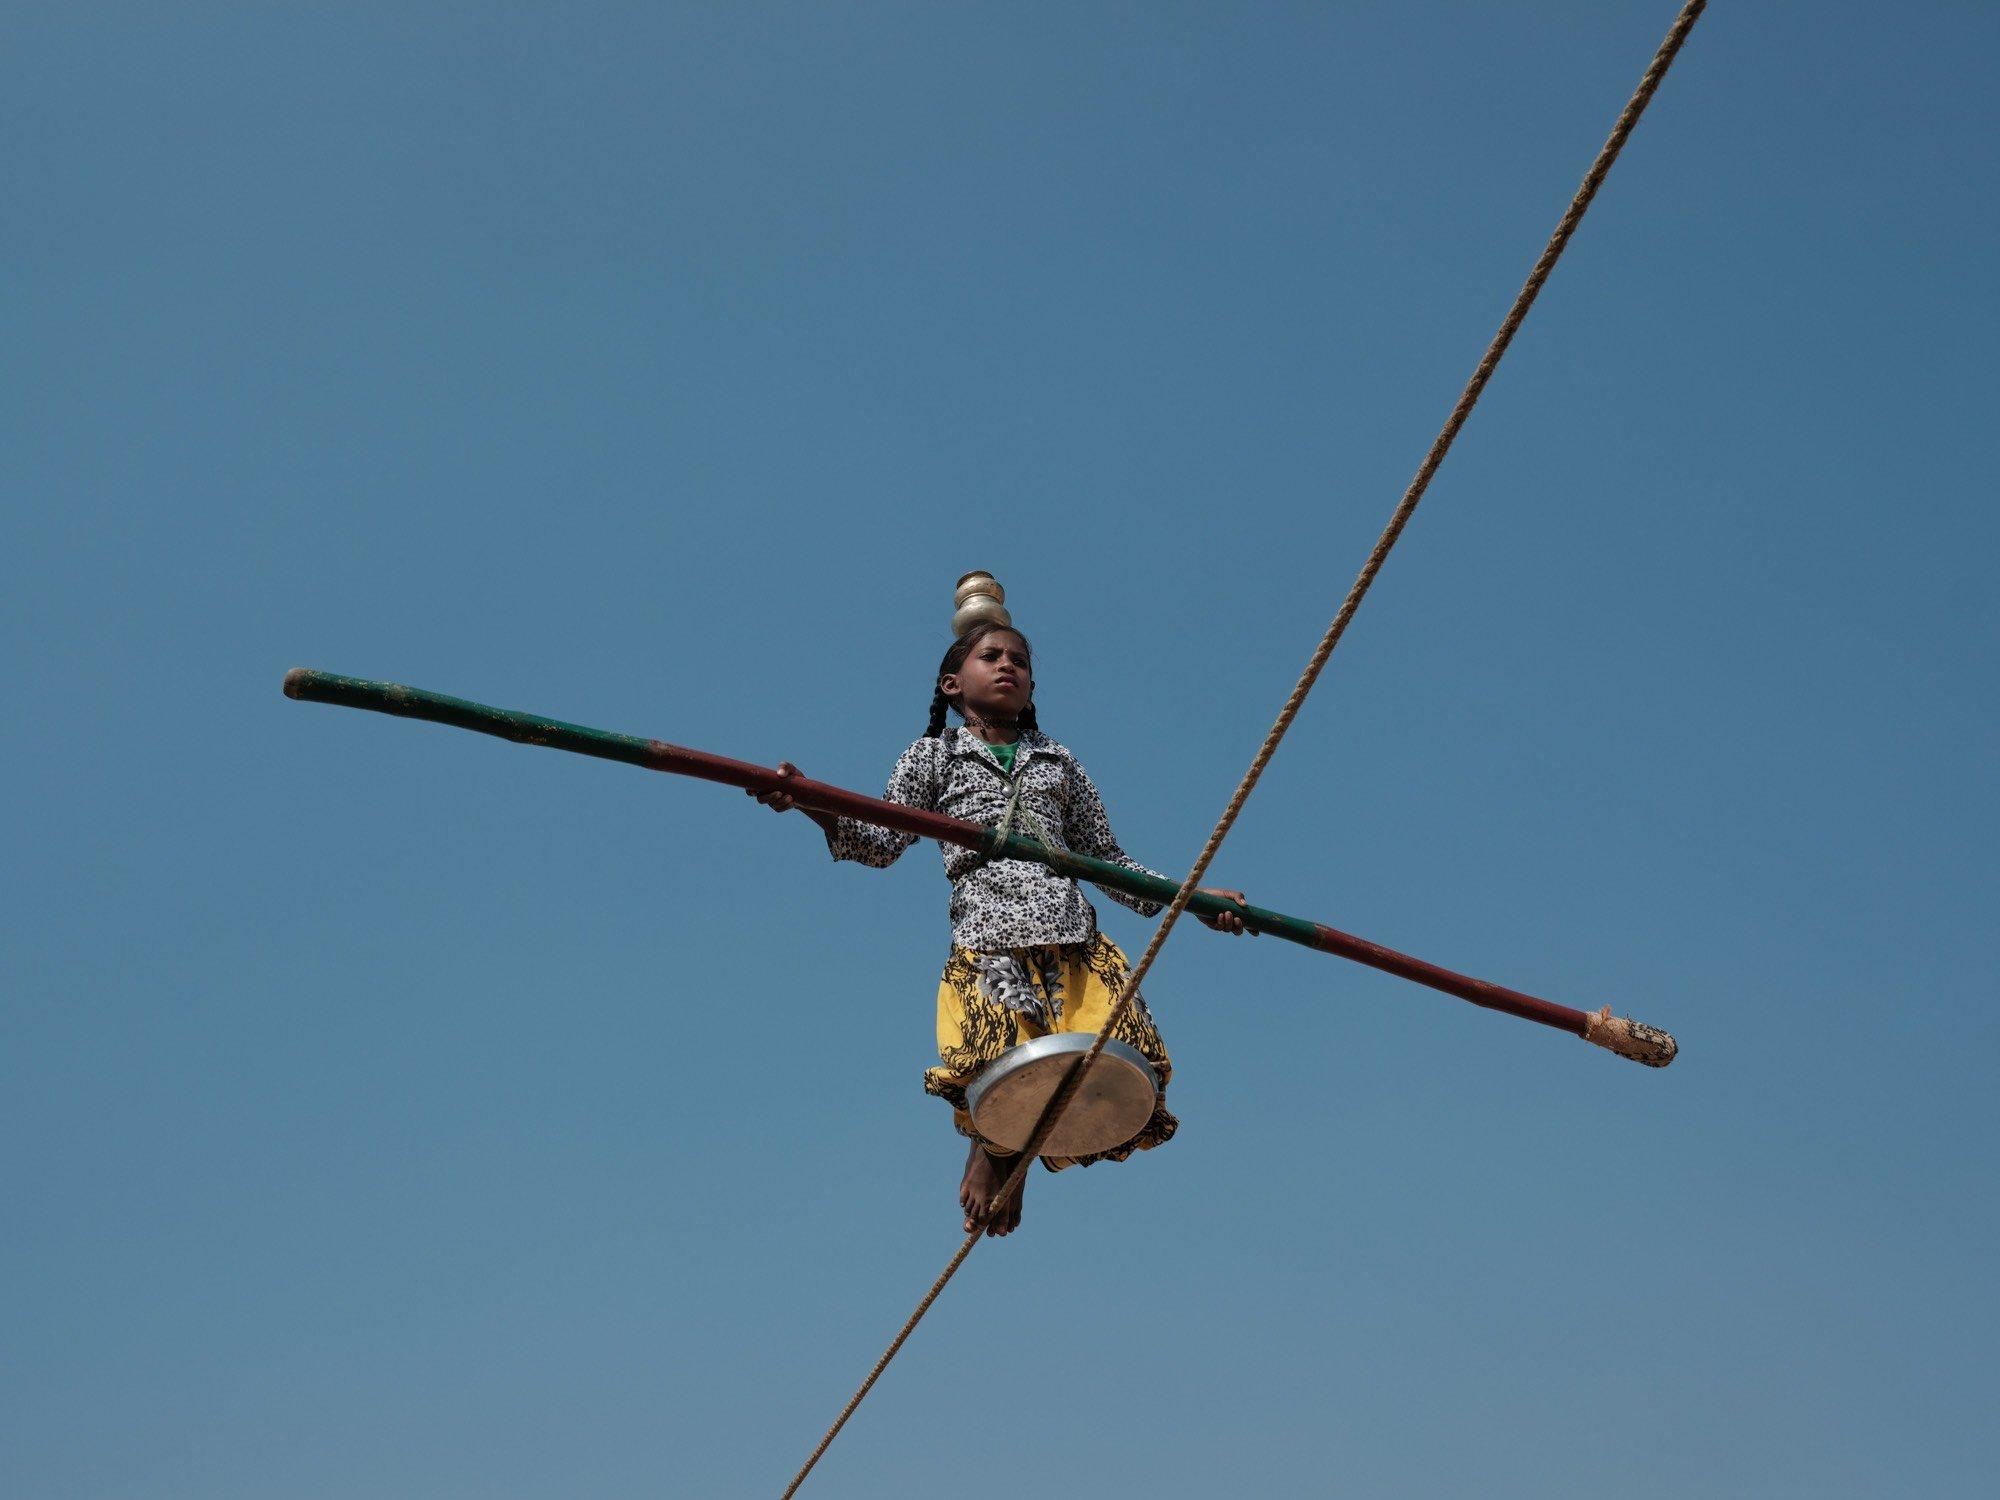 Pushkar Travel Documentary Photography India Jose Jeuland-6